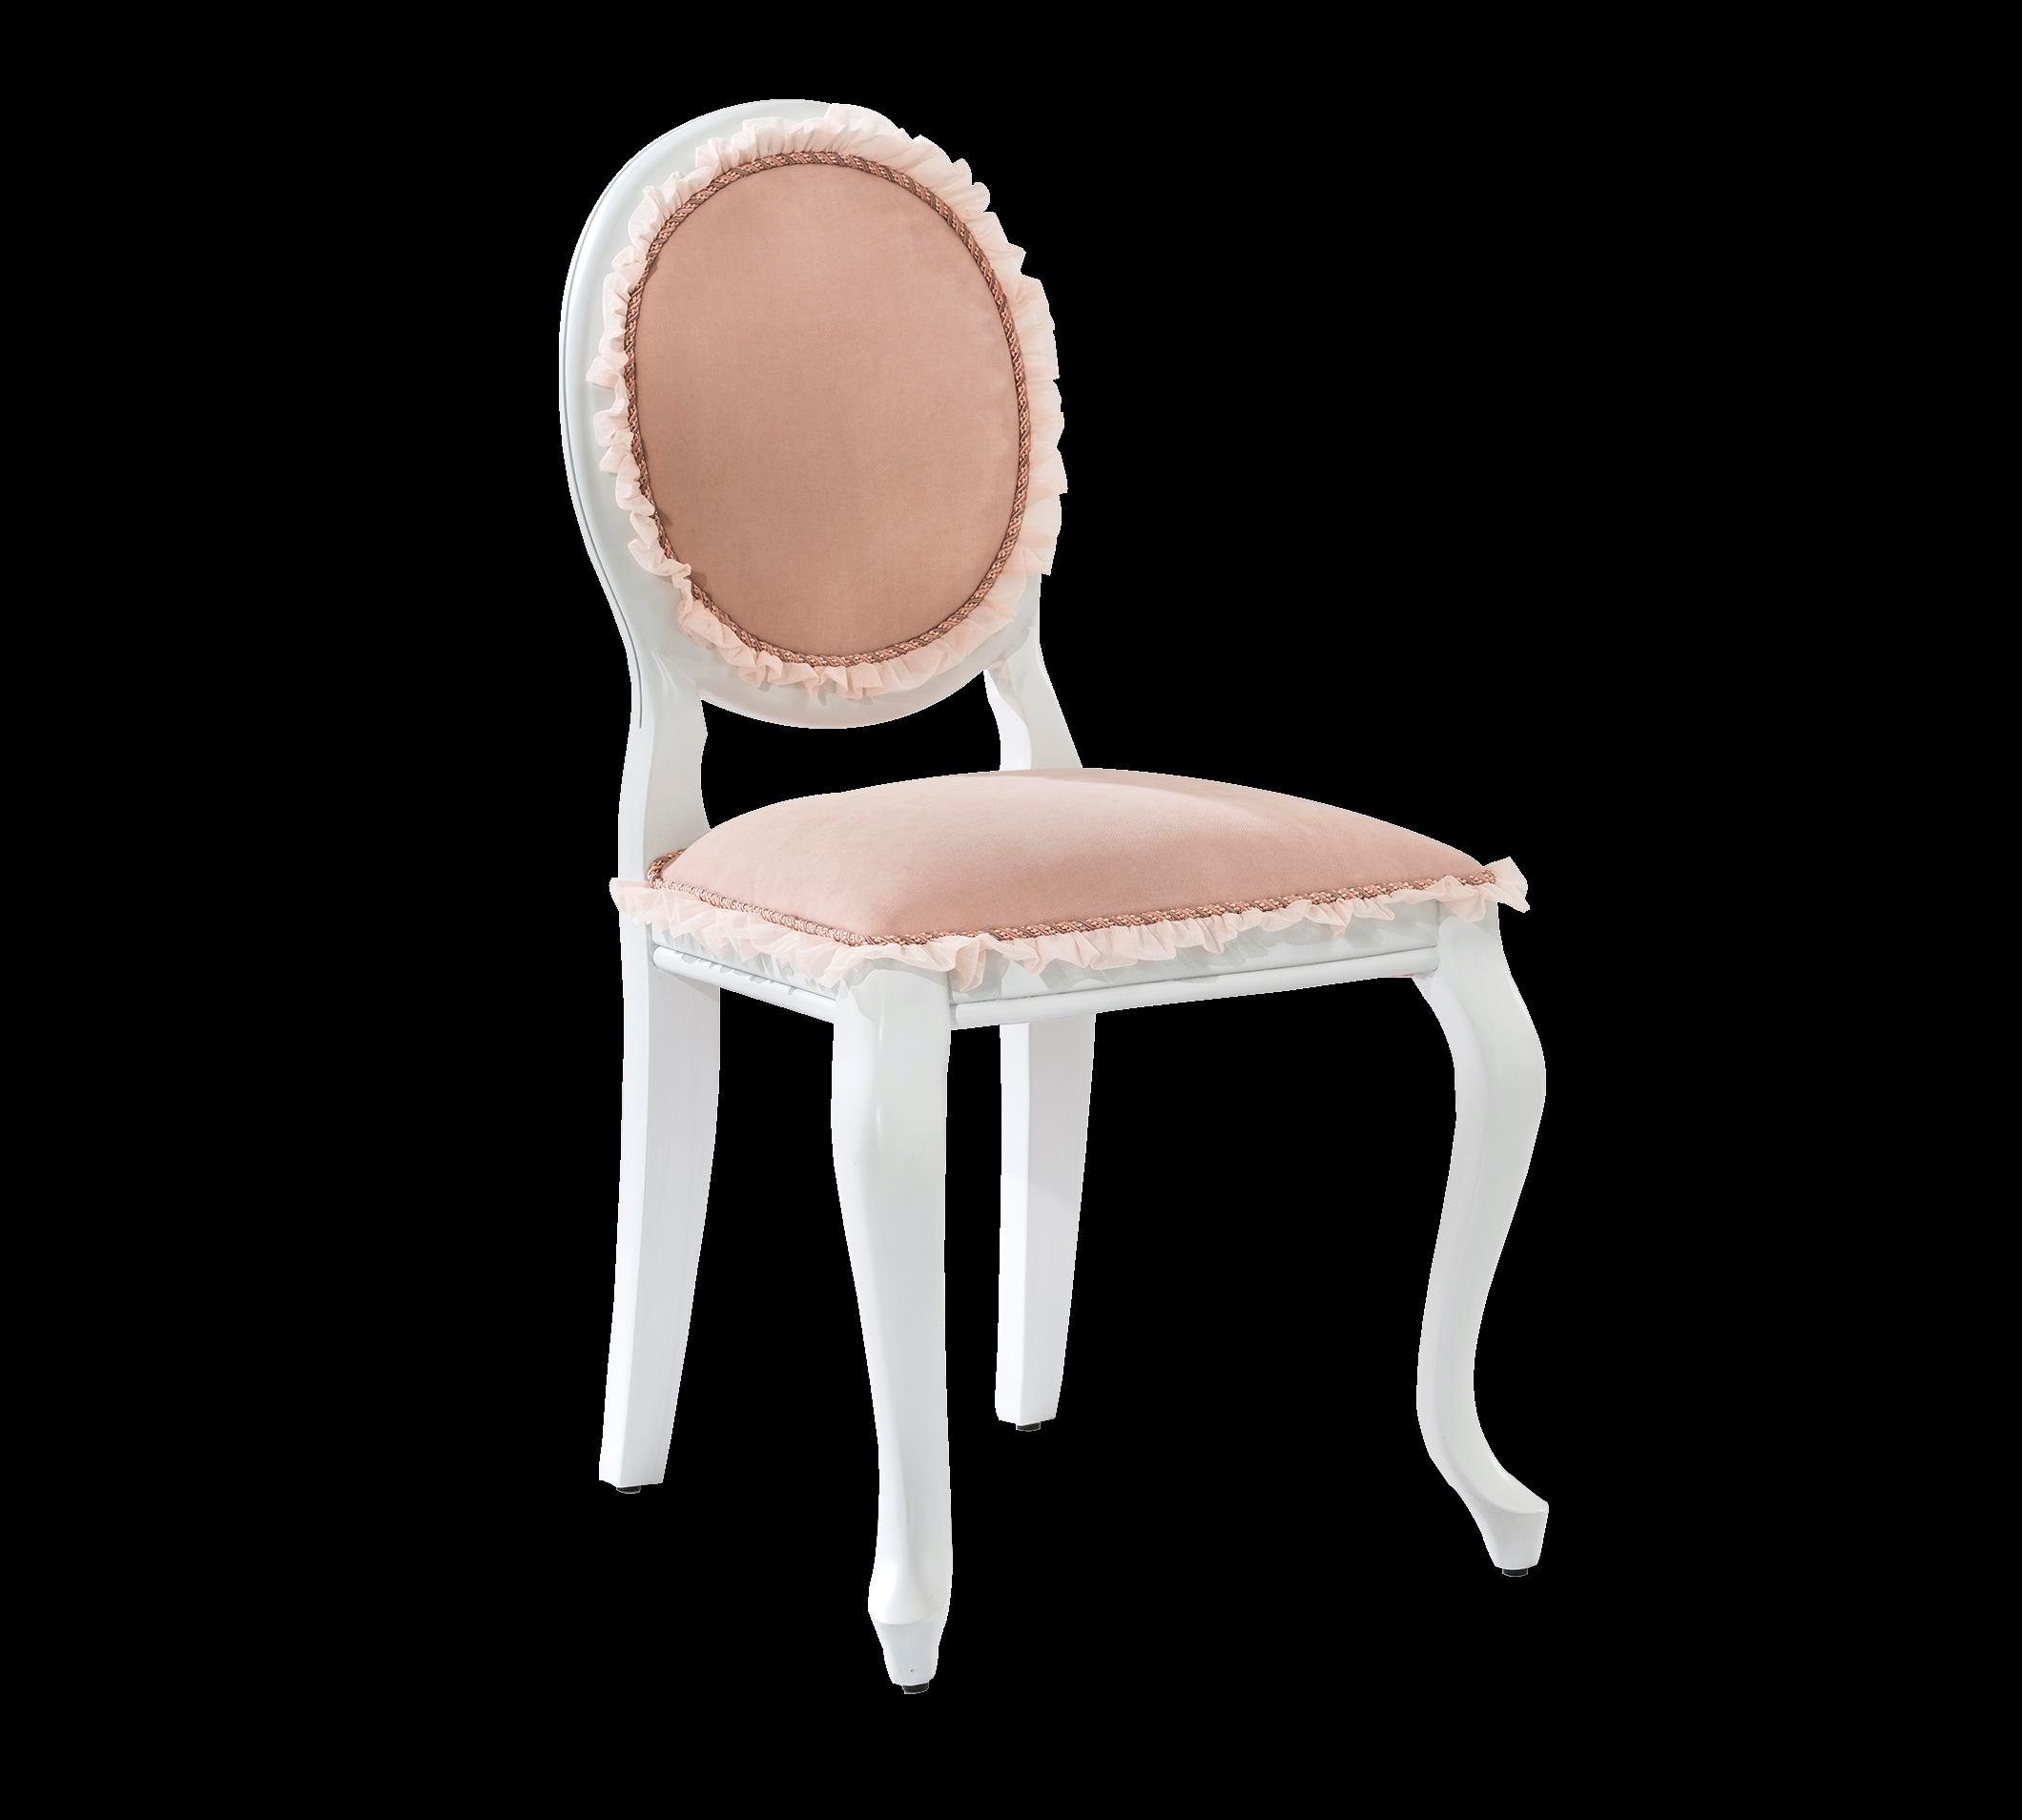 Scaun pentru copii tapitat cu stofa si picioare din lemn Dream Somon, l48xA52xH90 cm imagine